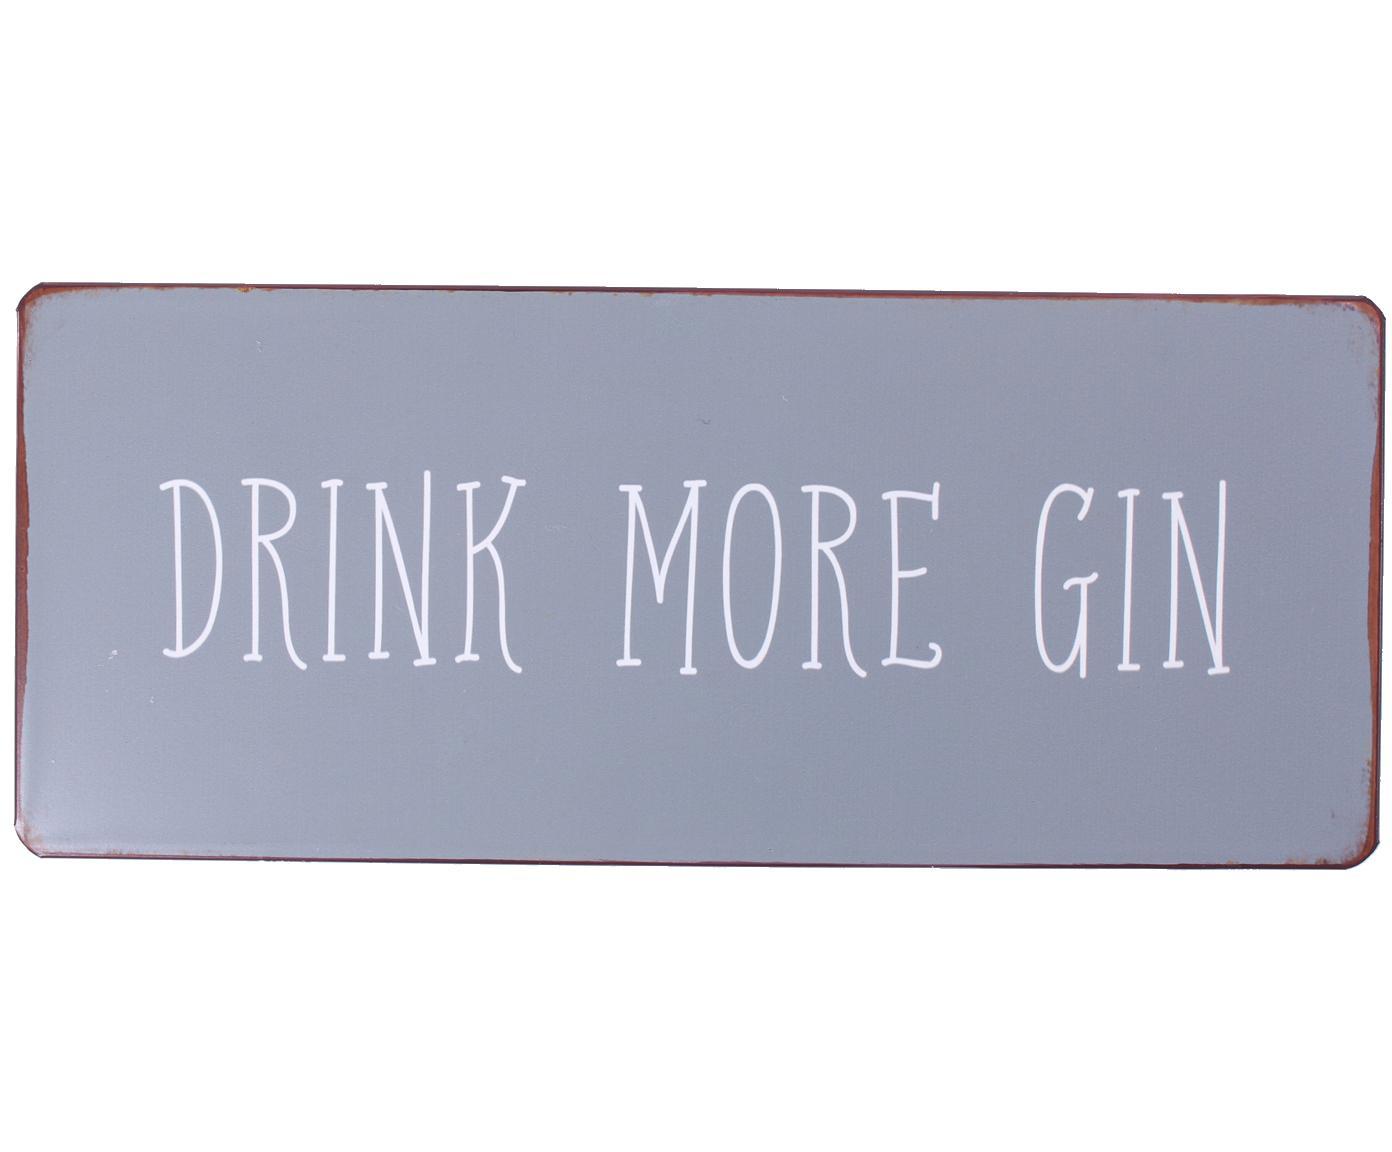 Wandbord Drink more gin, Metaal, met motieffolie bekleed, Grijs, wit, roestkleurig, 31 x 13 cm